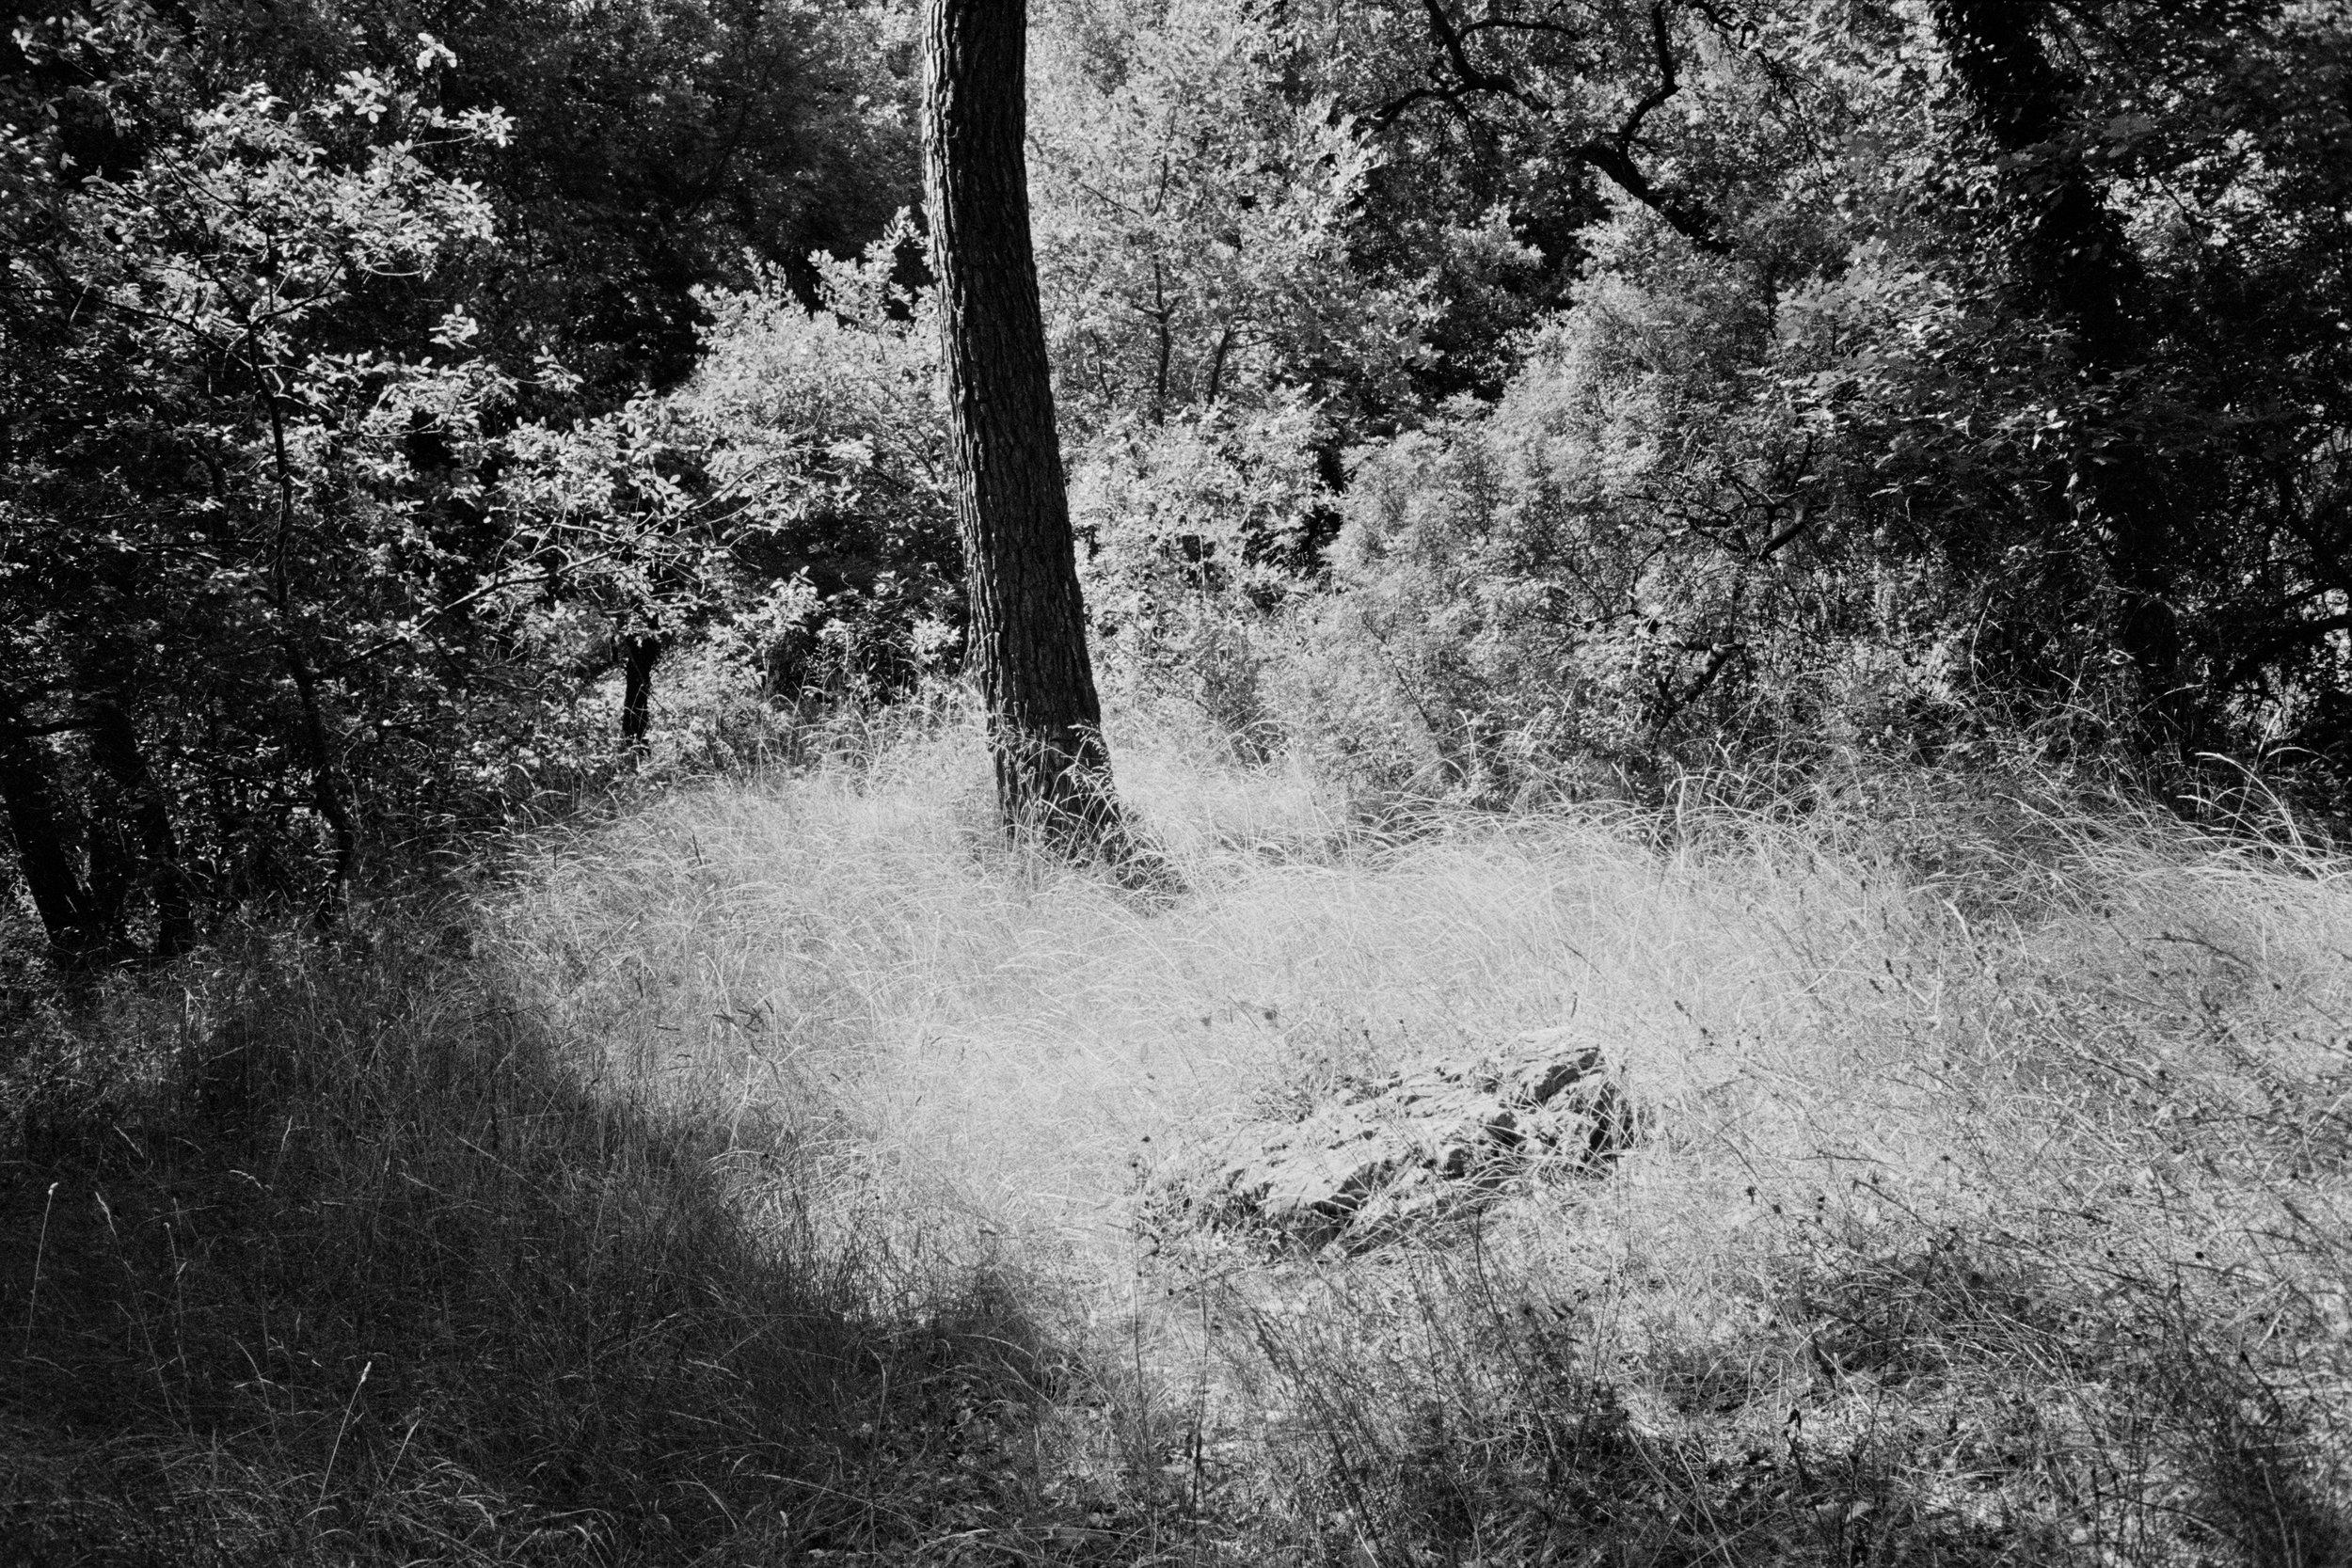 Still Life With Black Tree - 2014